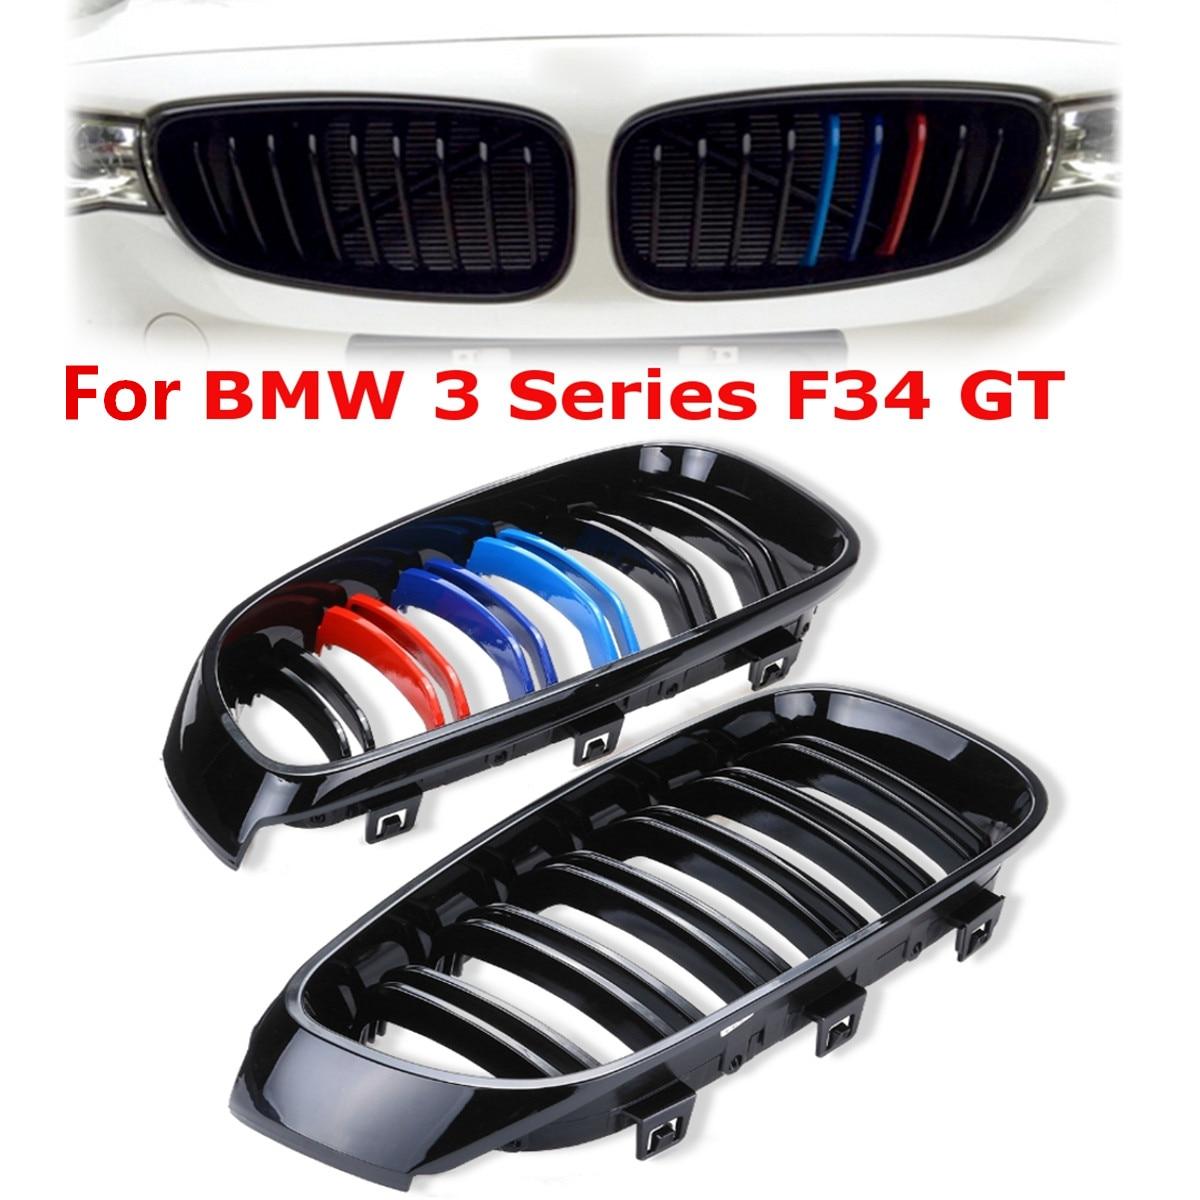 For BMW 3 Series GT F34 Hatchback 2012 2013 2014 2015 2016